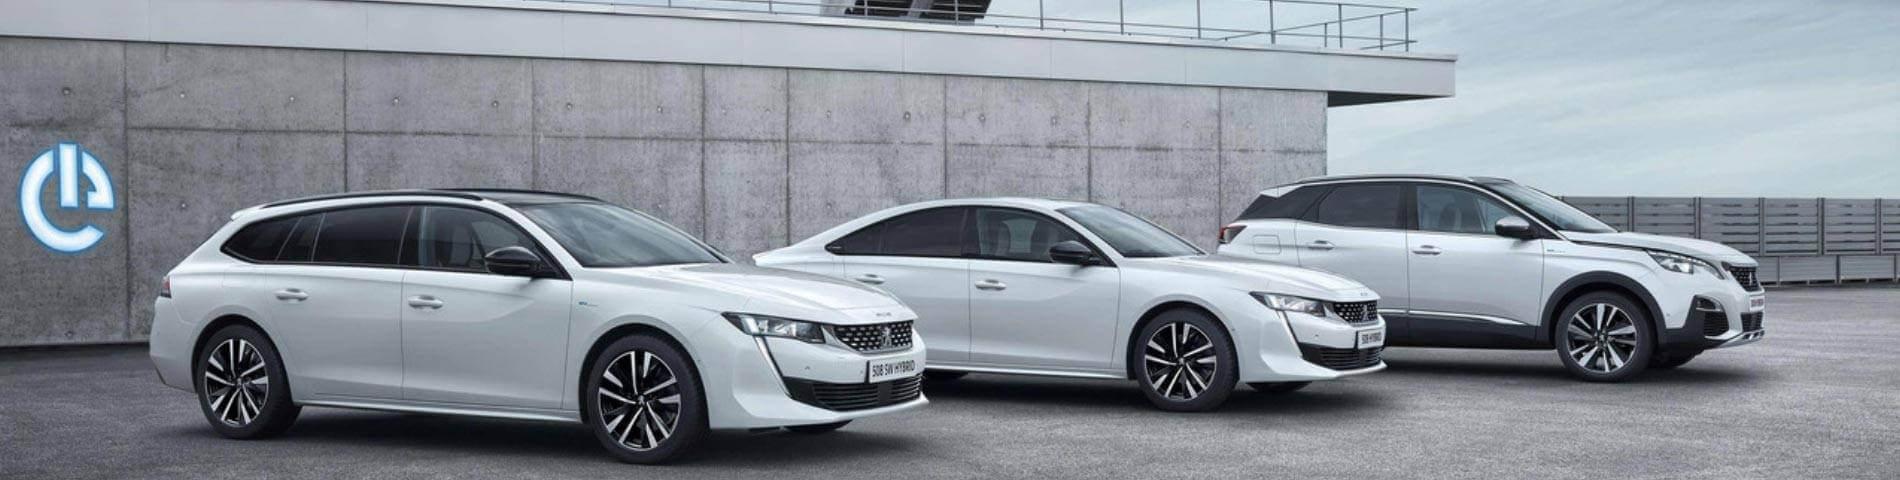 Peugeot-Hybrid-Range